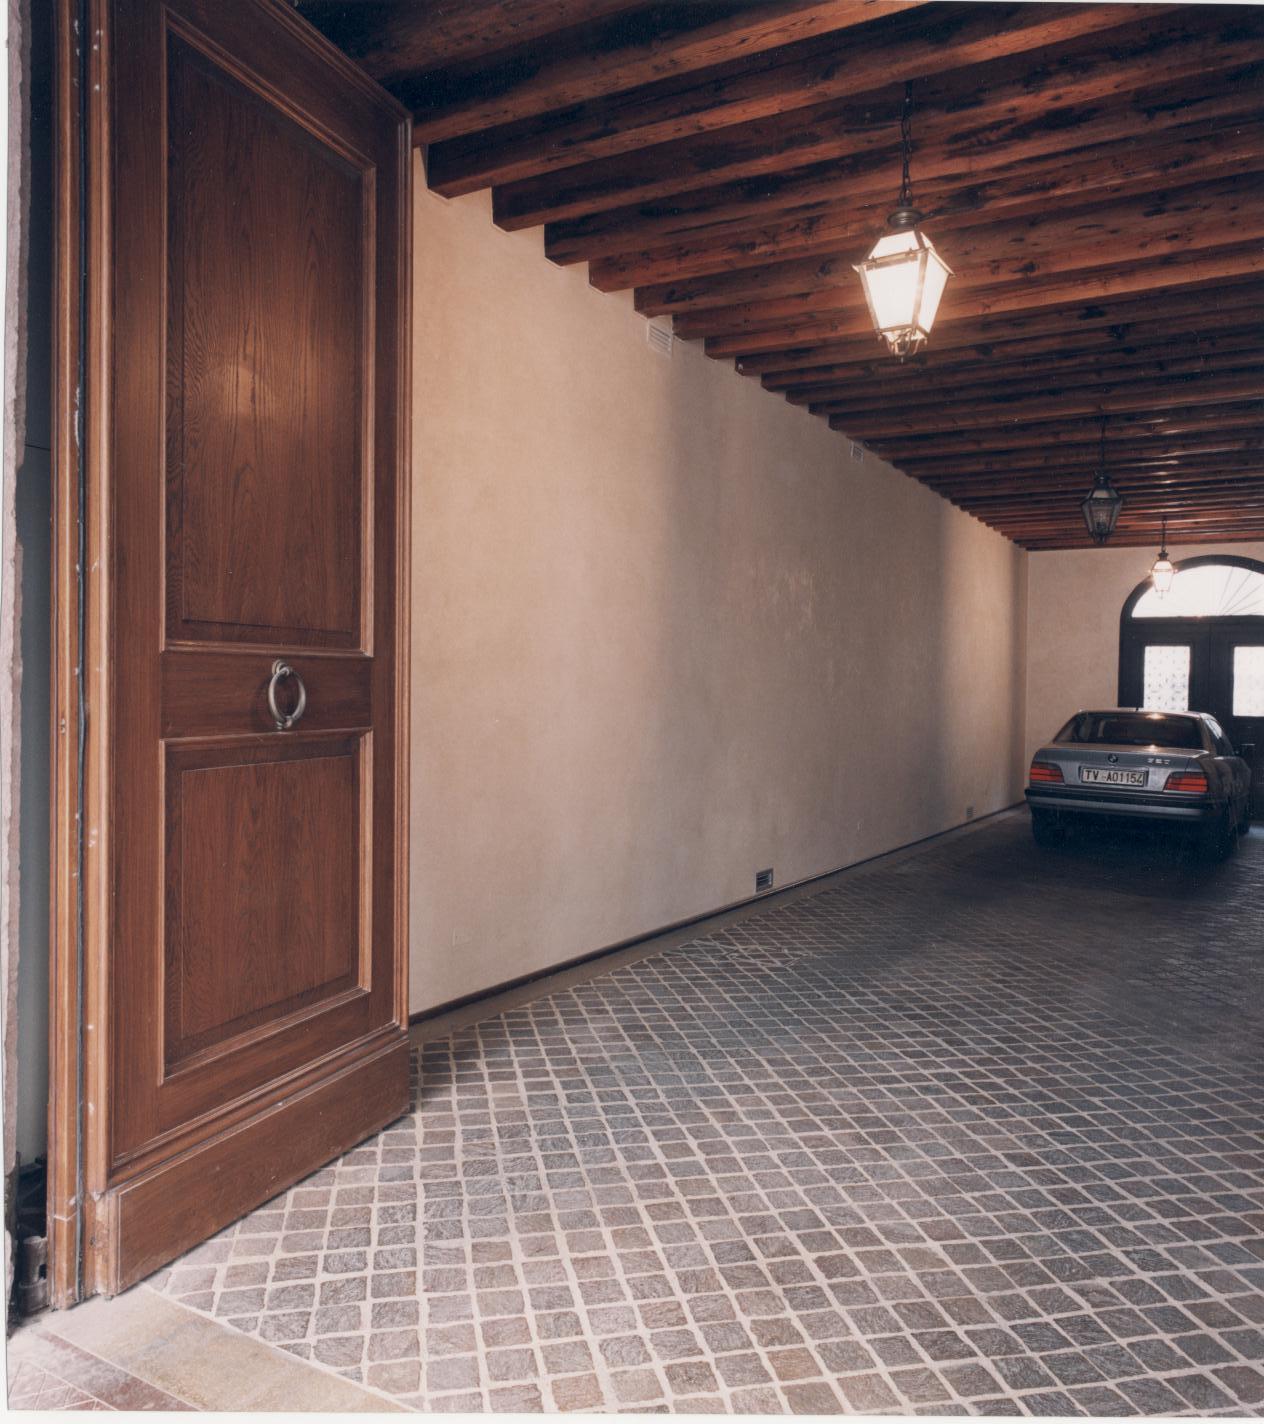 Portone ingresso stile classico